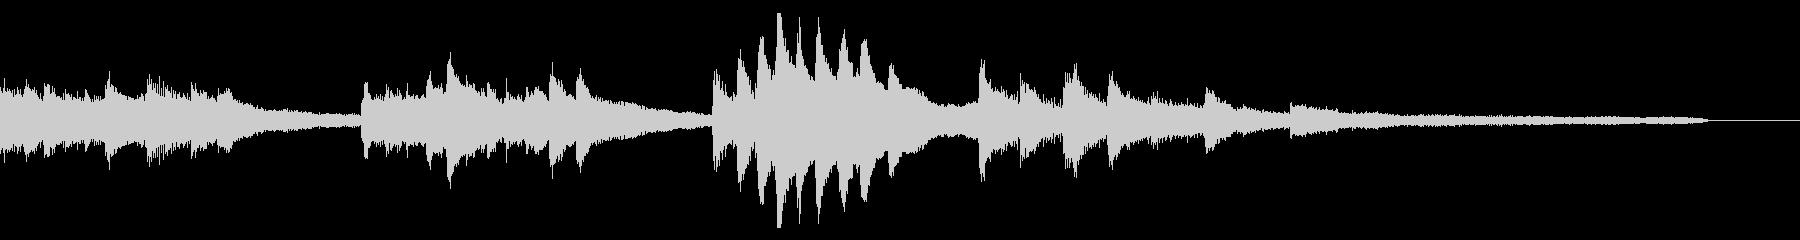 冷たい和風ジングル56-ピアノソロの未再生の波形